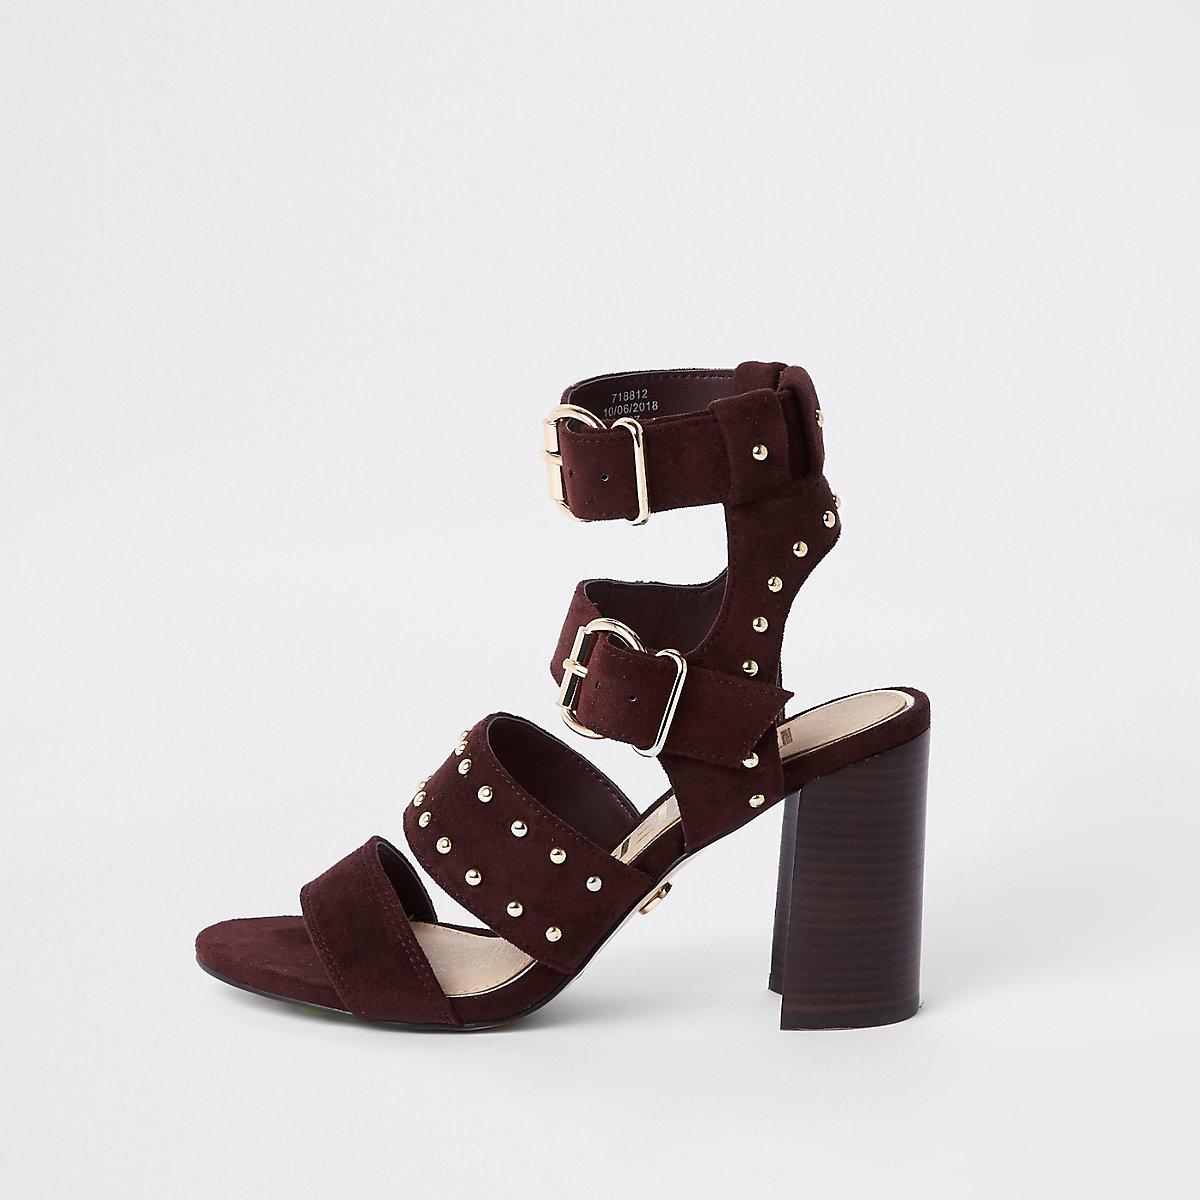 Sandales en daim rouge foncé cloutées à talon carré